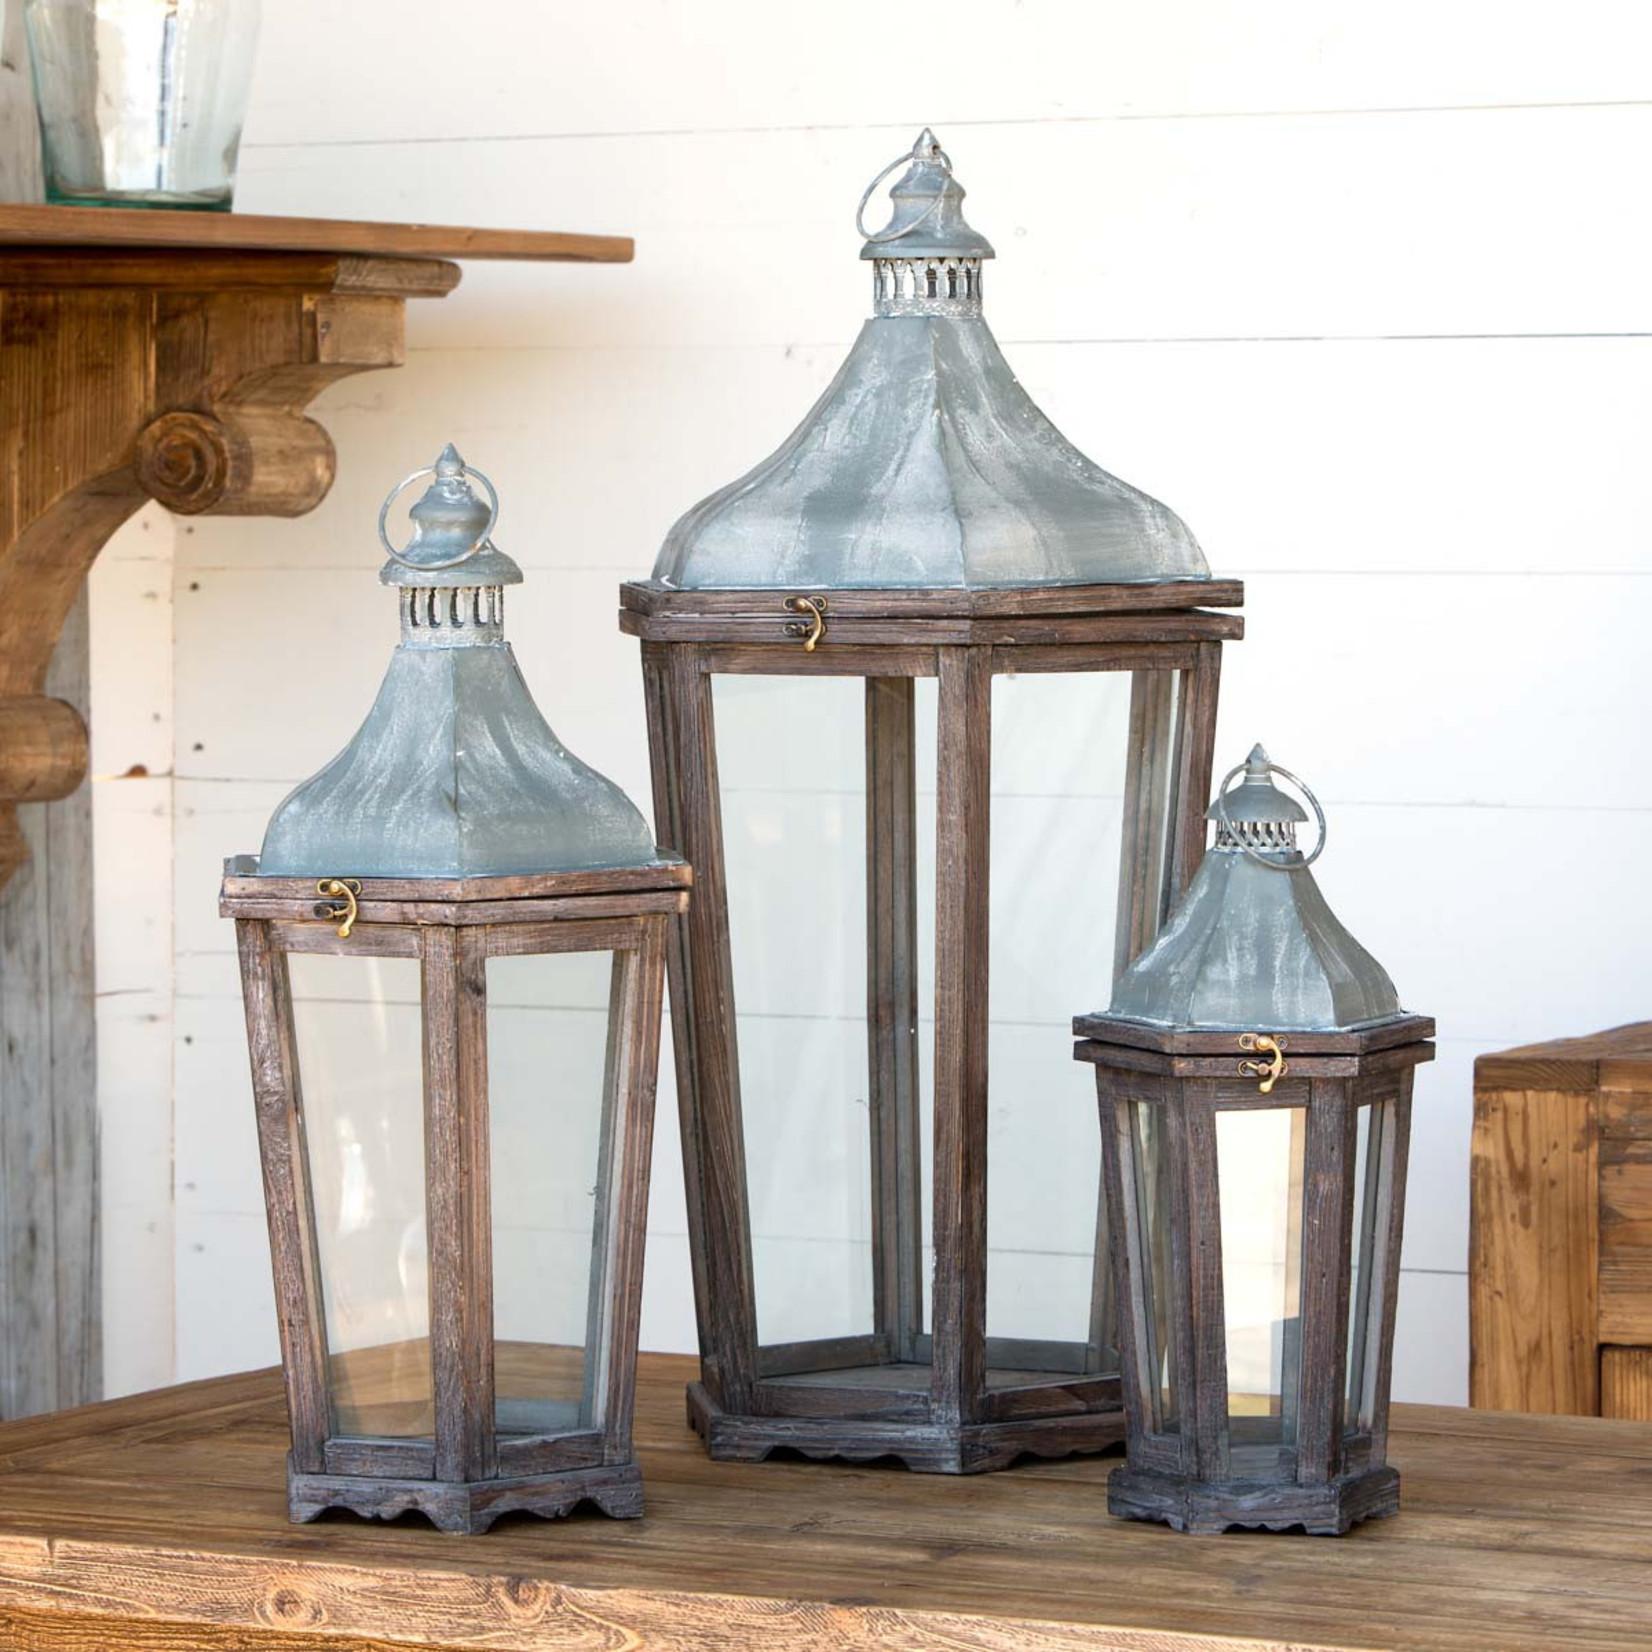 Wood & Galvanized Metal Lantern